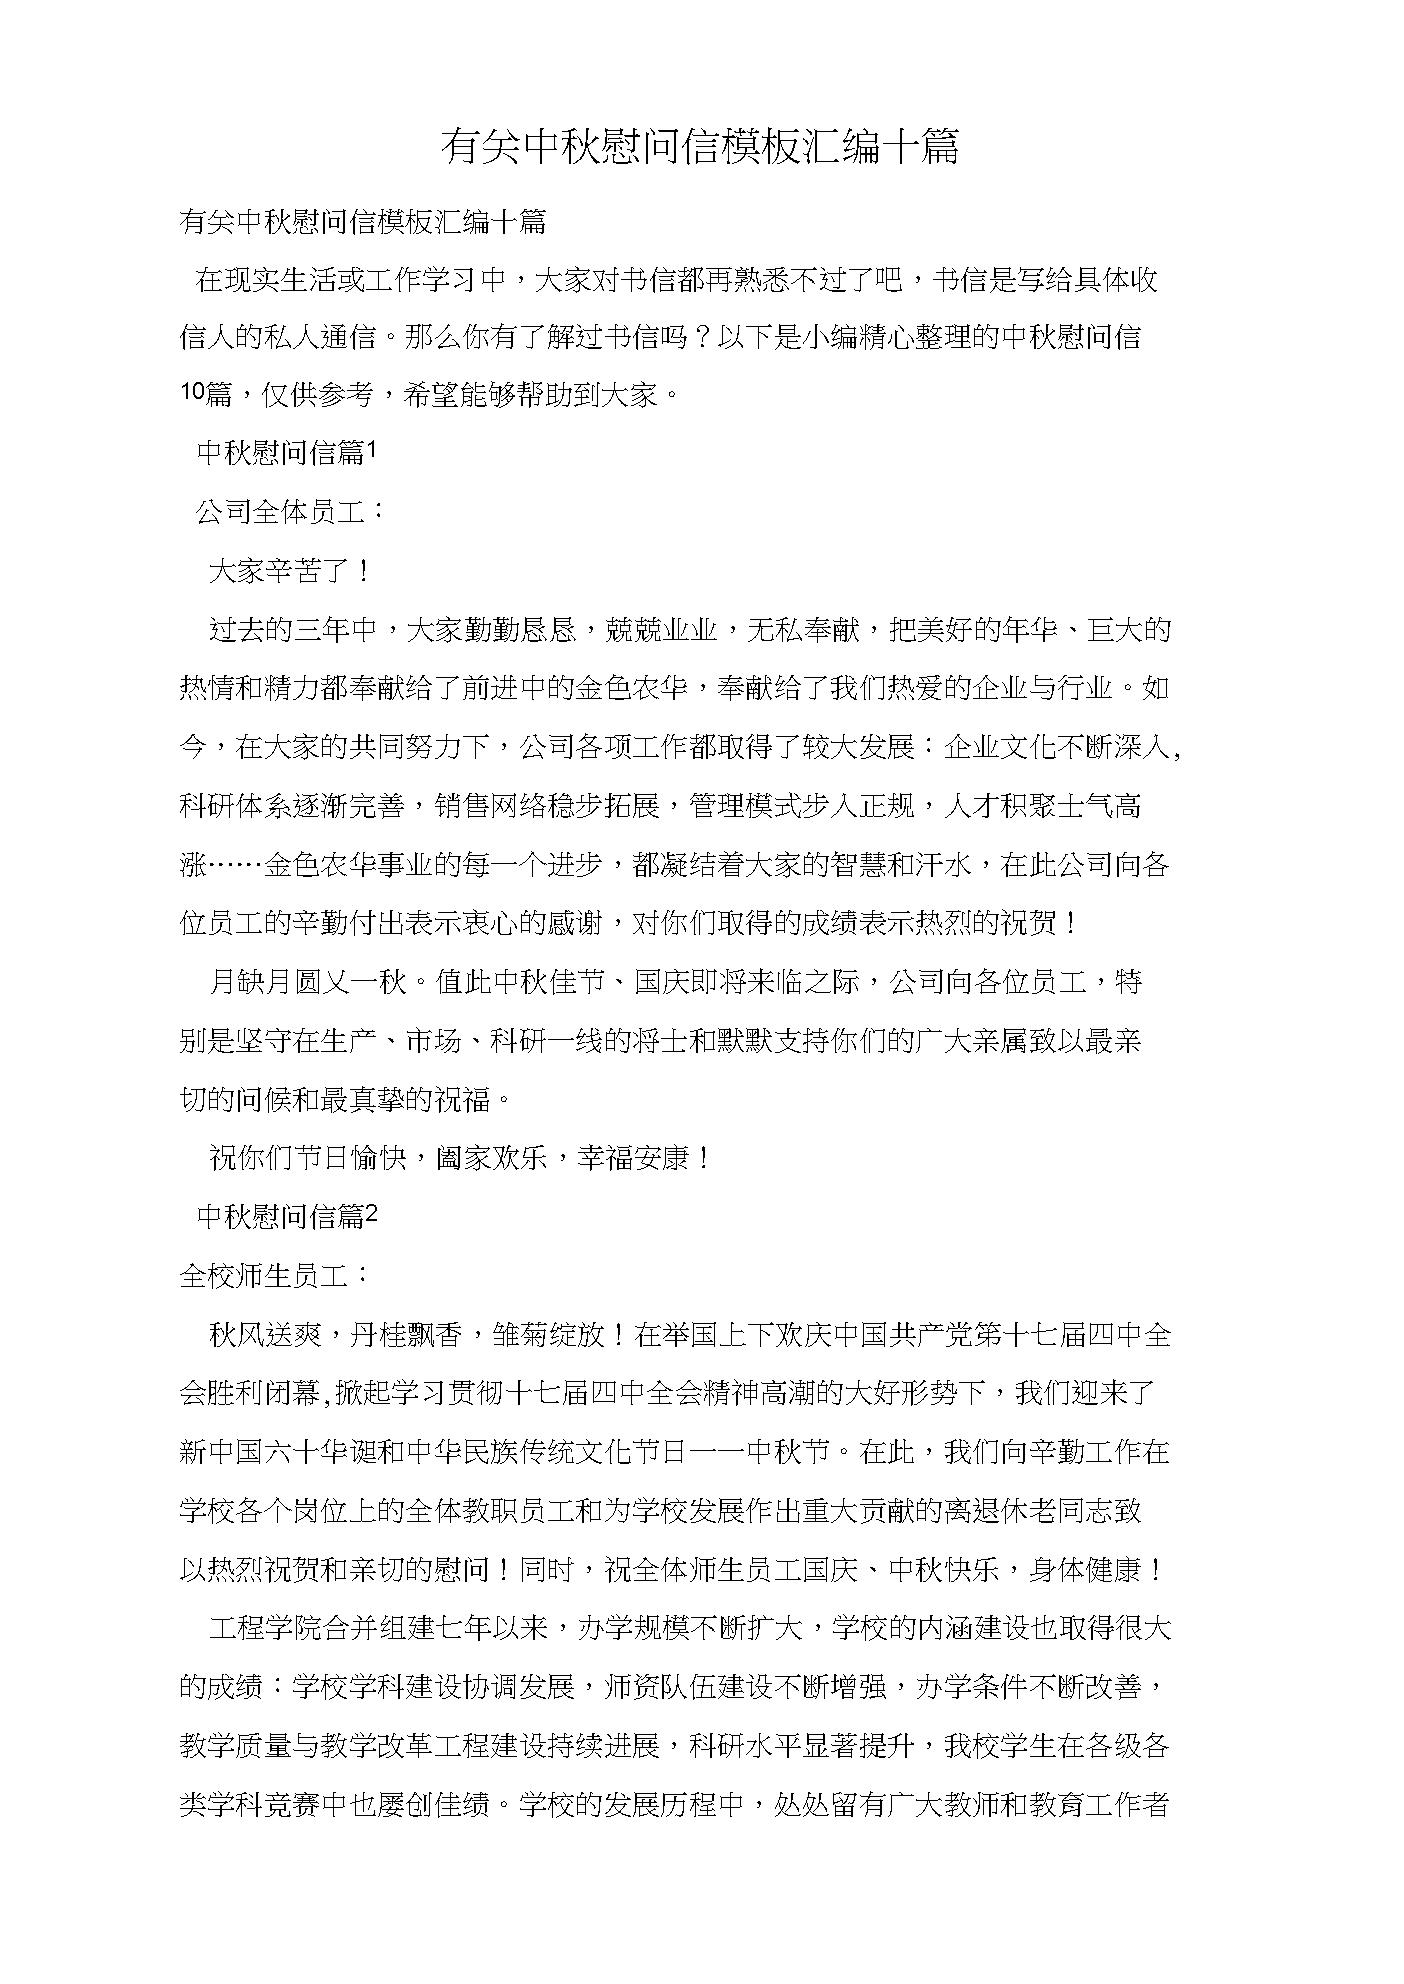 有关中秋慰问信模板汇编十篇.docx